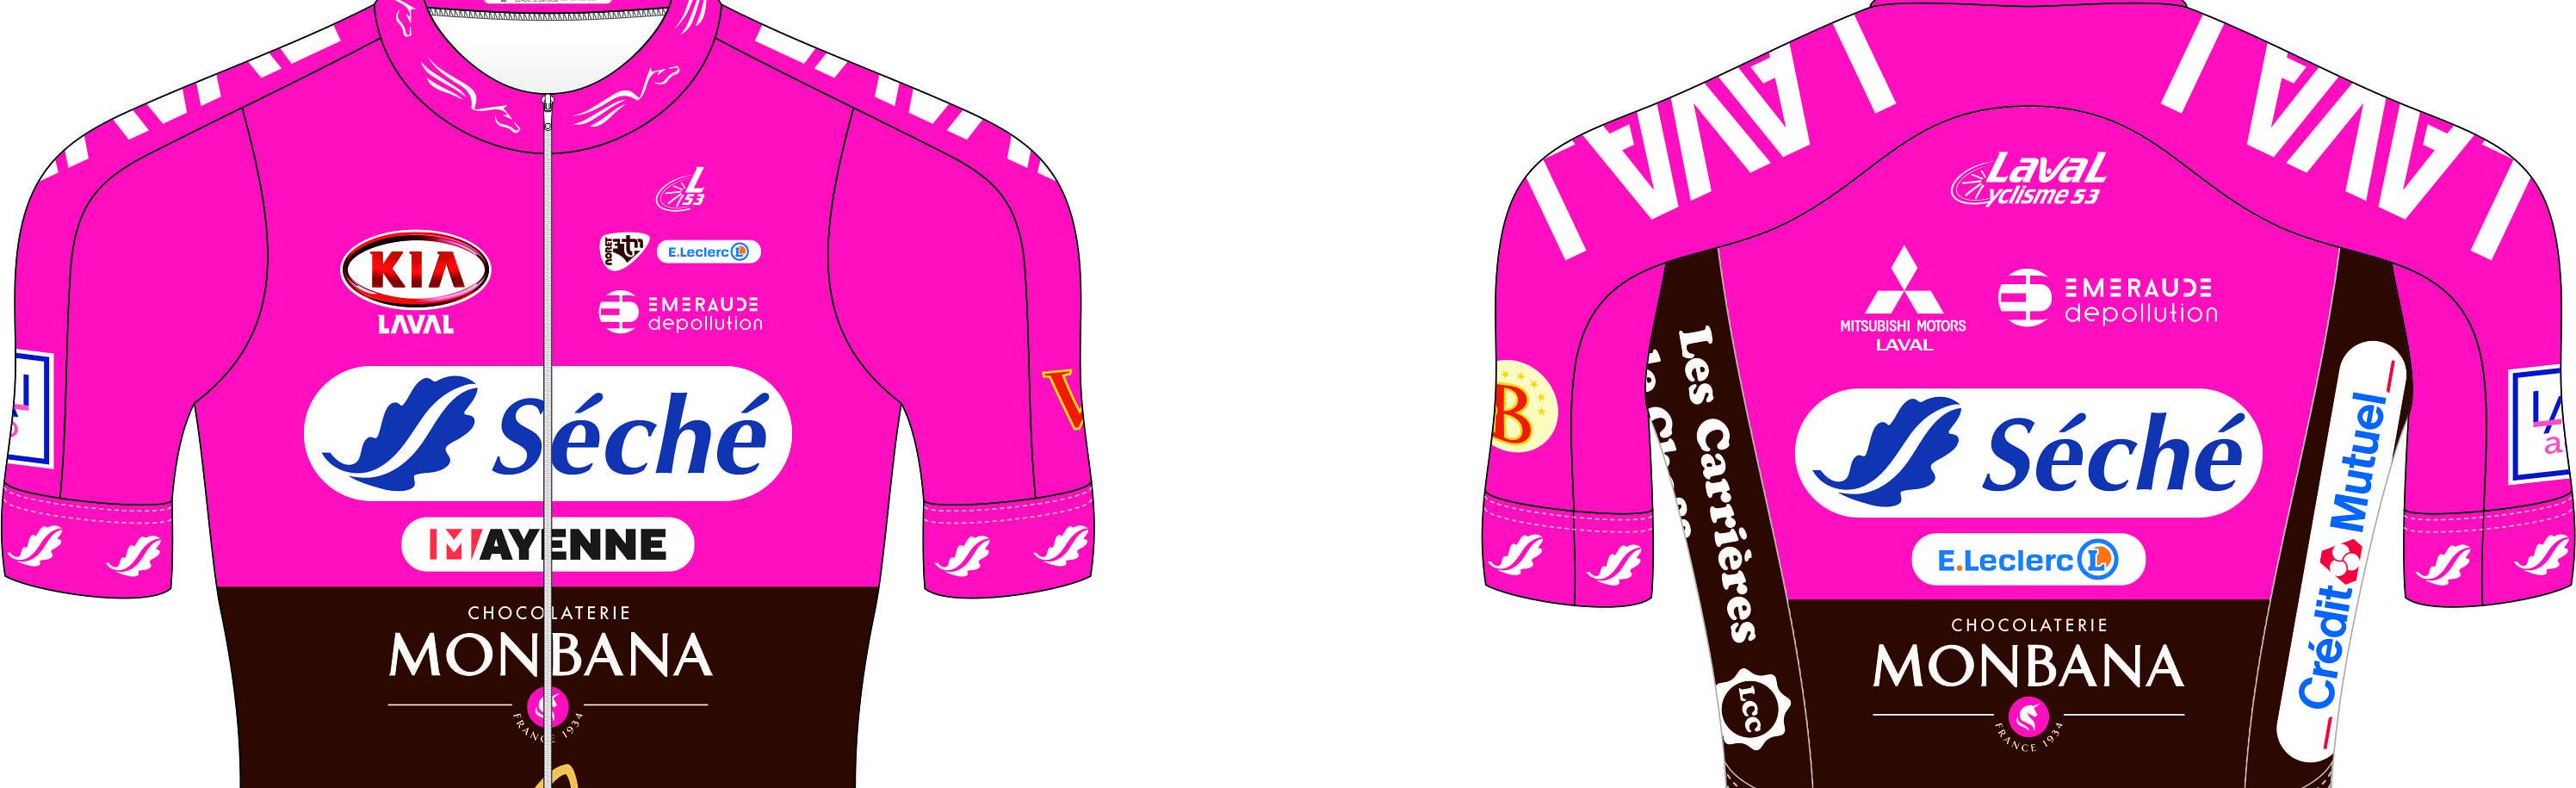 Laval Cyclisme 53